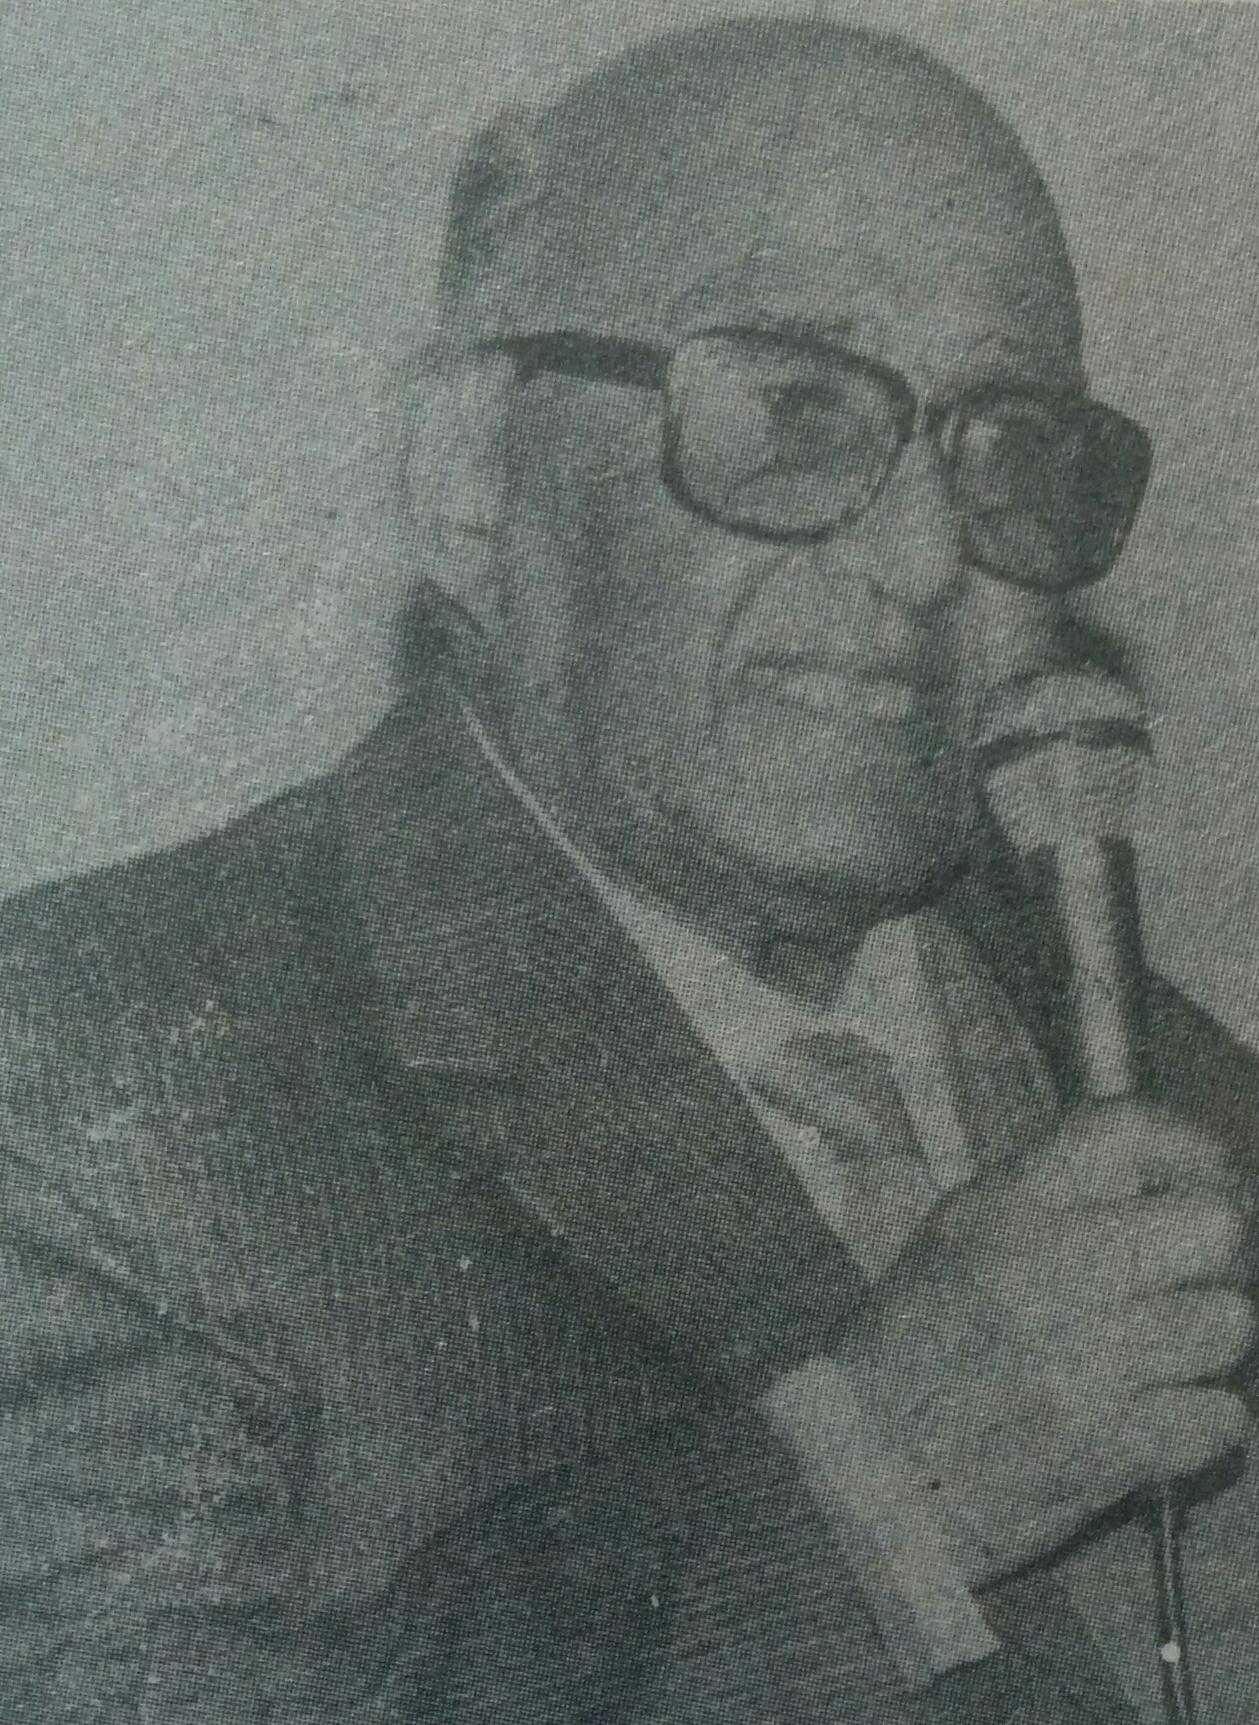 Don Vicente José Abriola (1907-2003), un dirigente político y deportivo, ejemplar e inolvidable.